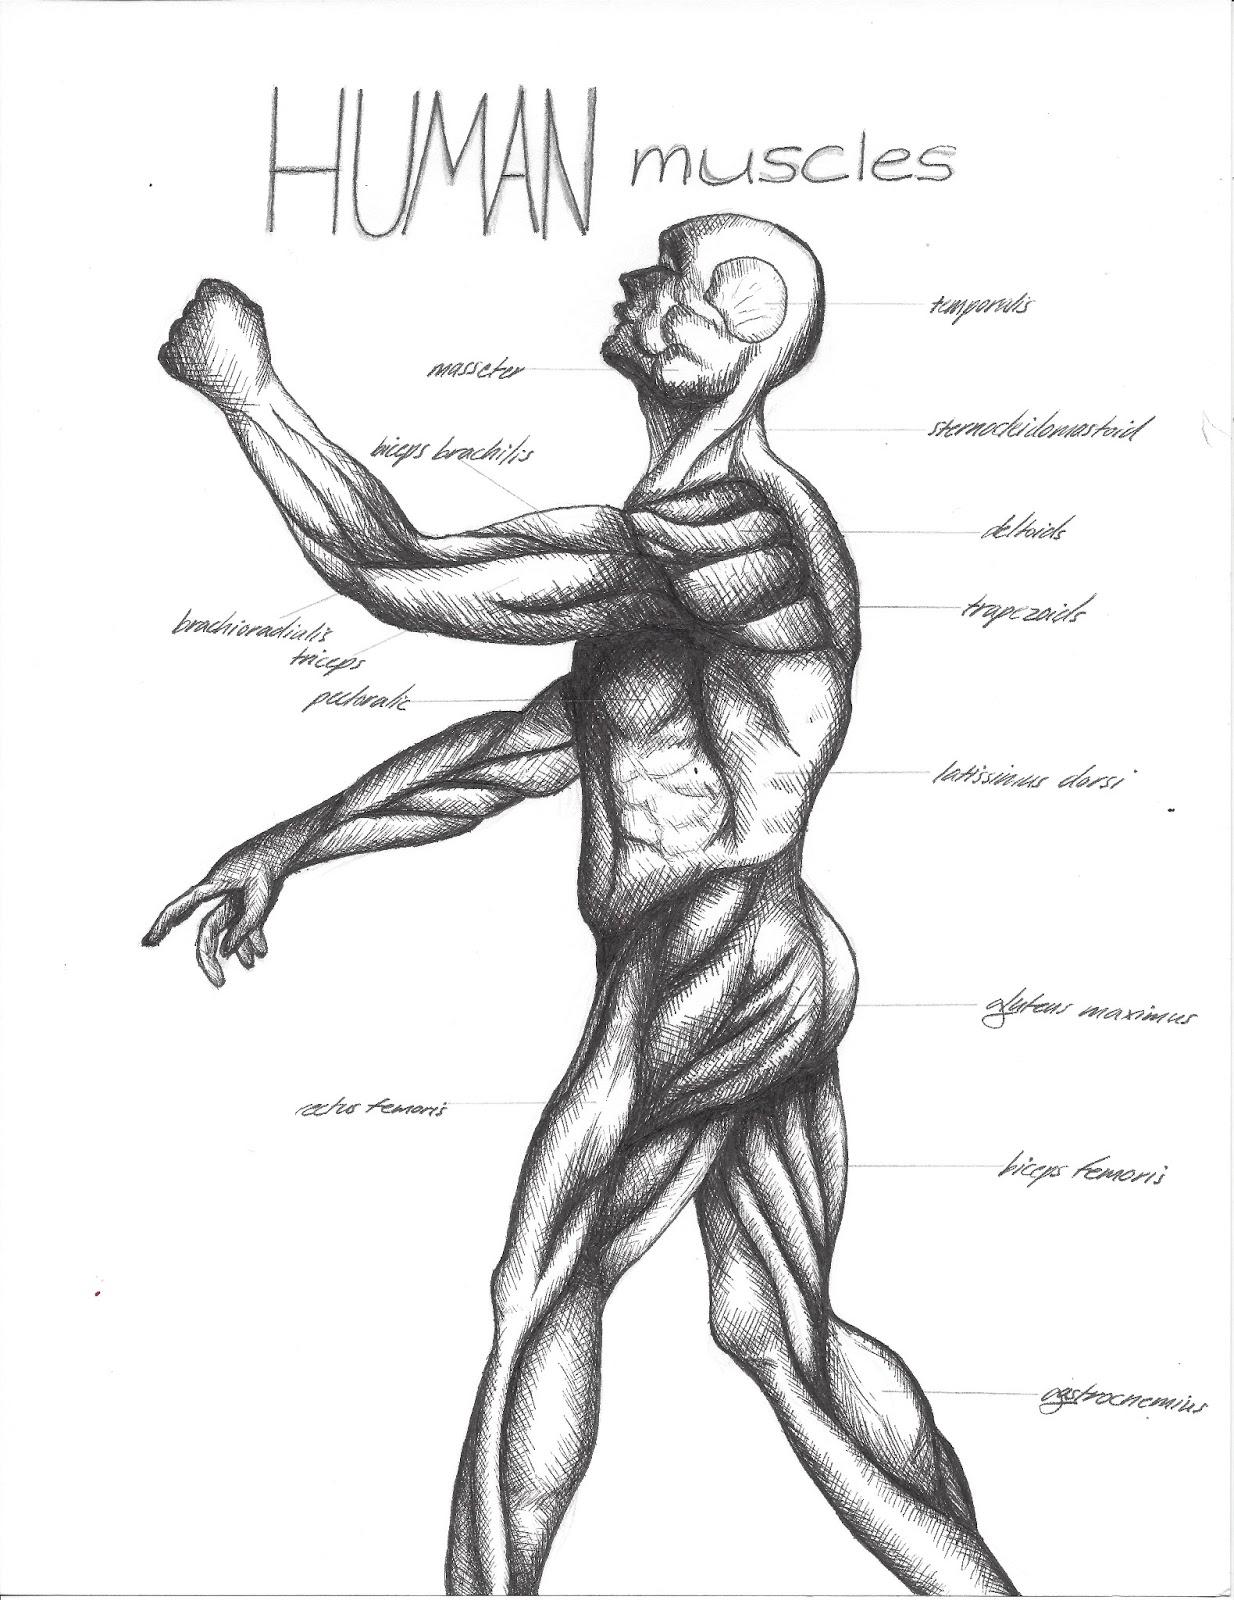 Muscular System Drawing More Information Kopihijau